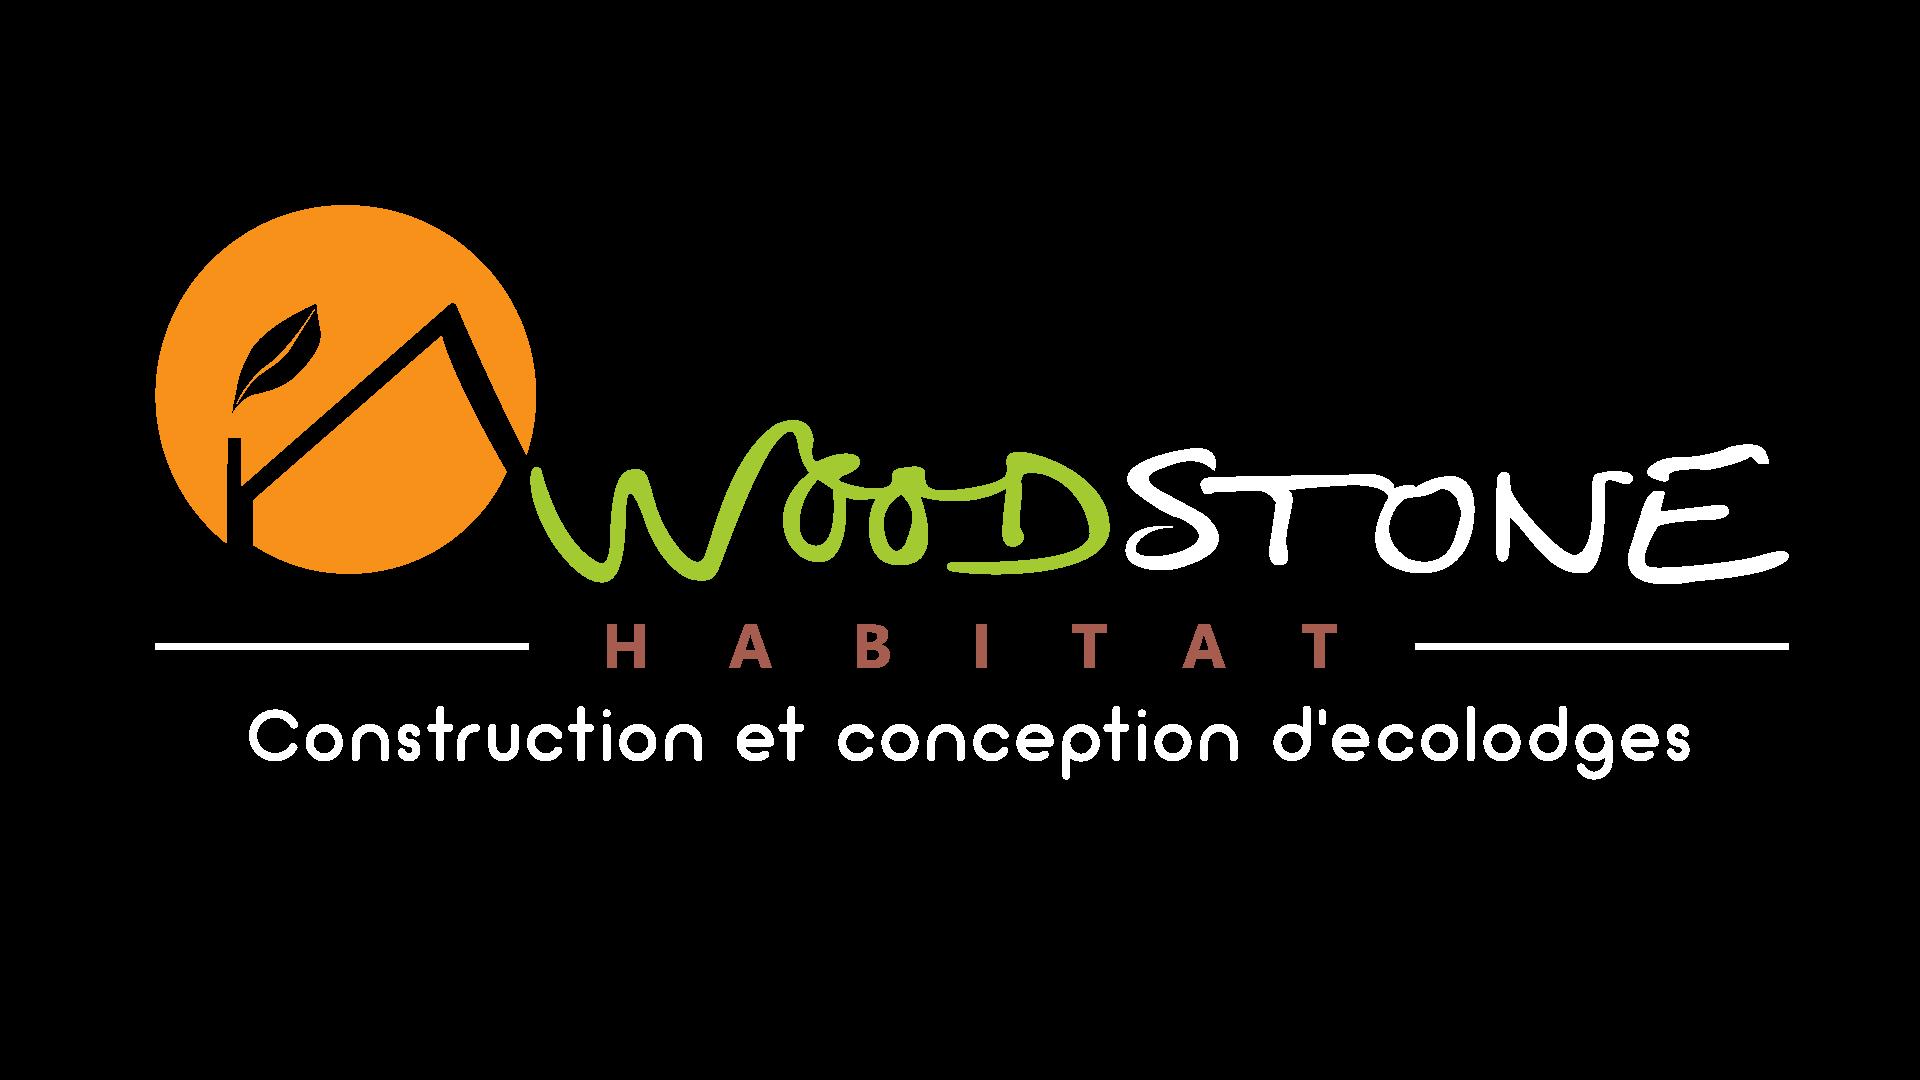 Woodstone Habitat Ecolodges